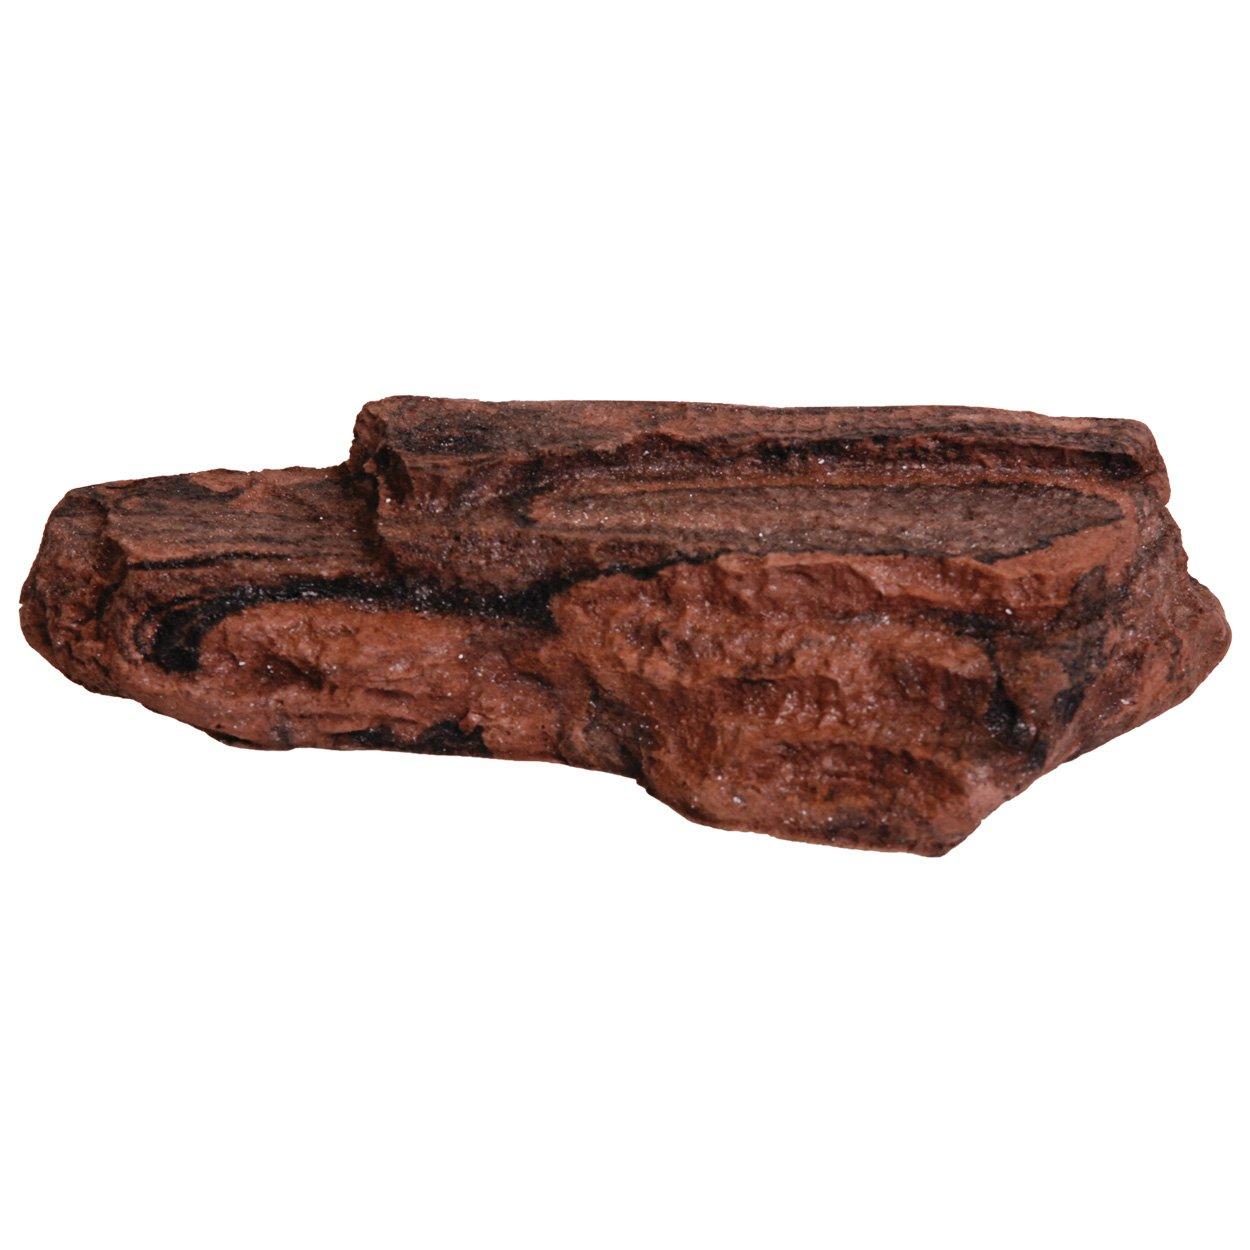 MagNaturals Rock Ledge (Earth, Medium) by P & P B00371F7B6